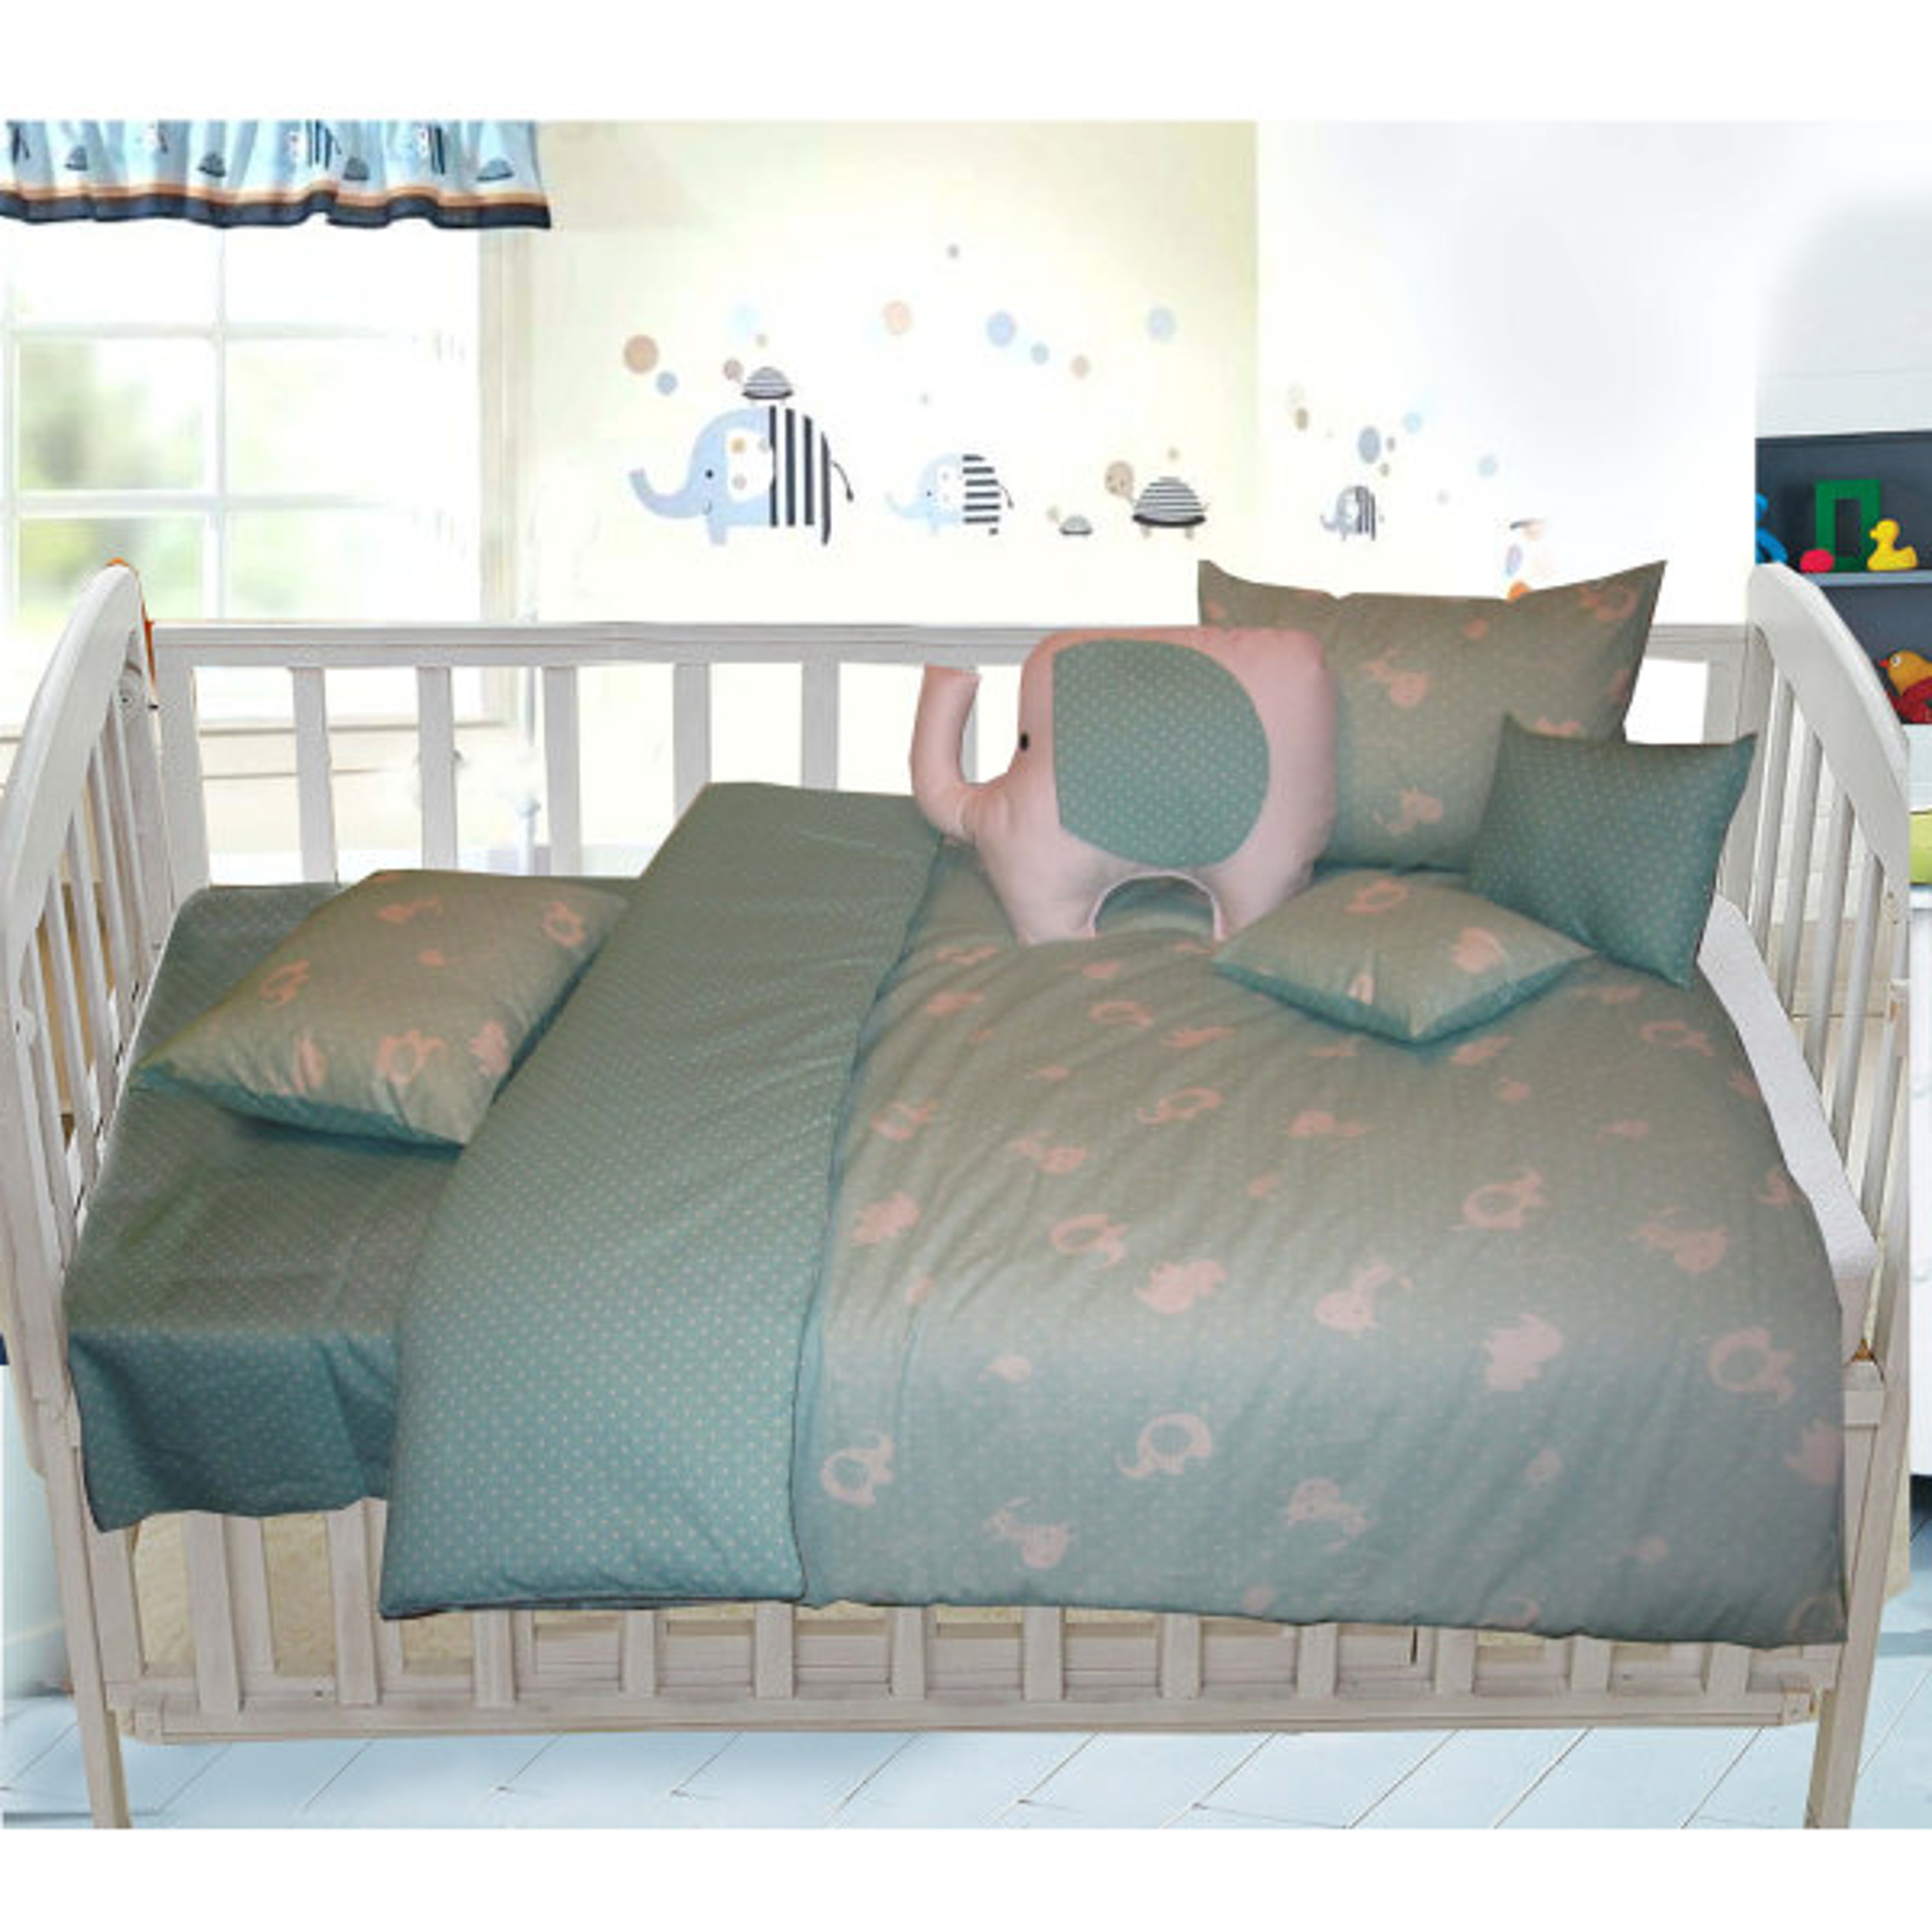 سرویس 8 تکه خواب کودک مدل Elephant